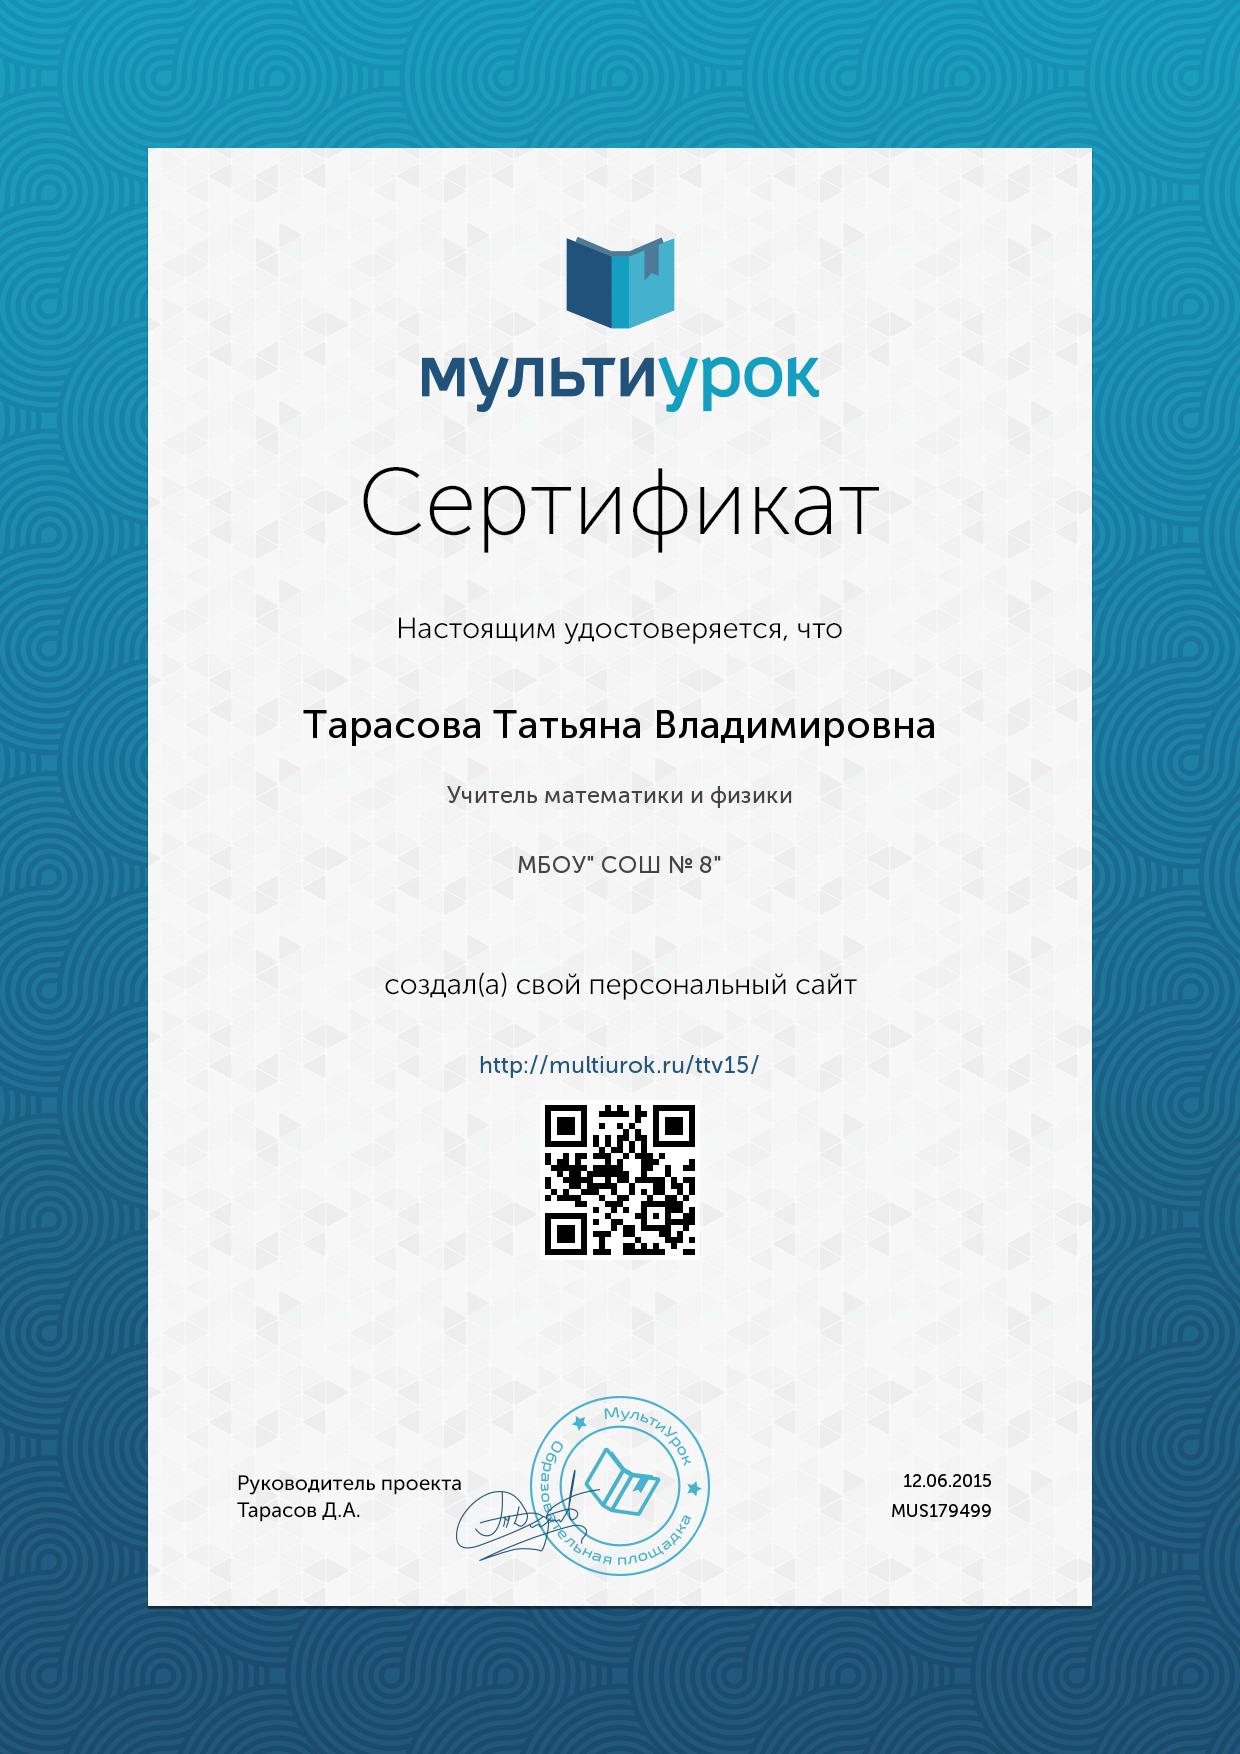 C:\Users\User\Desktop\диплом\Сертификат Тарасова Татьяна Владимировна.png